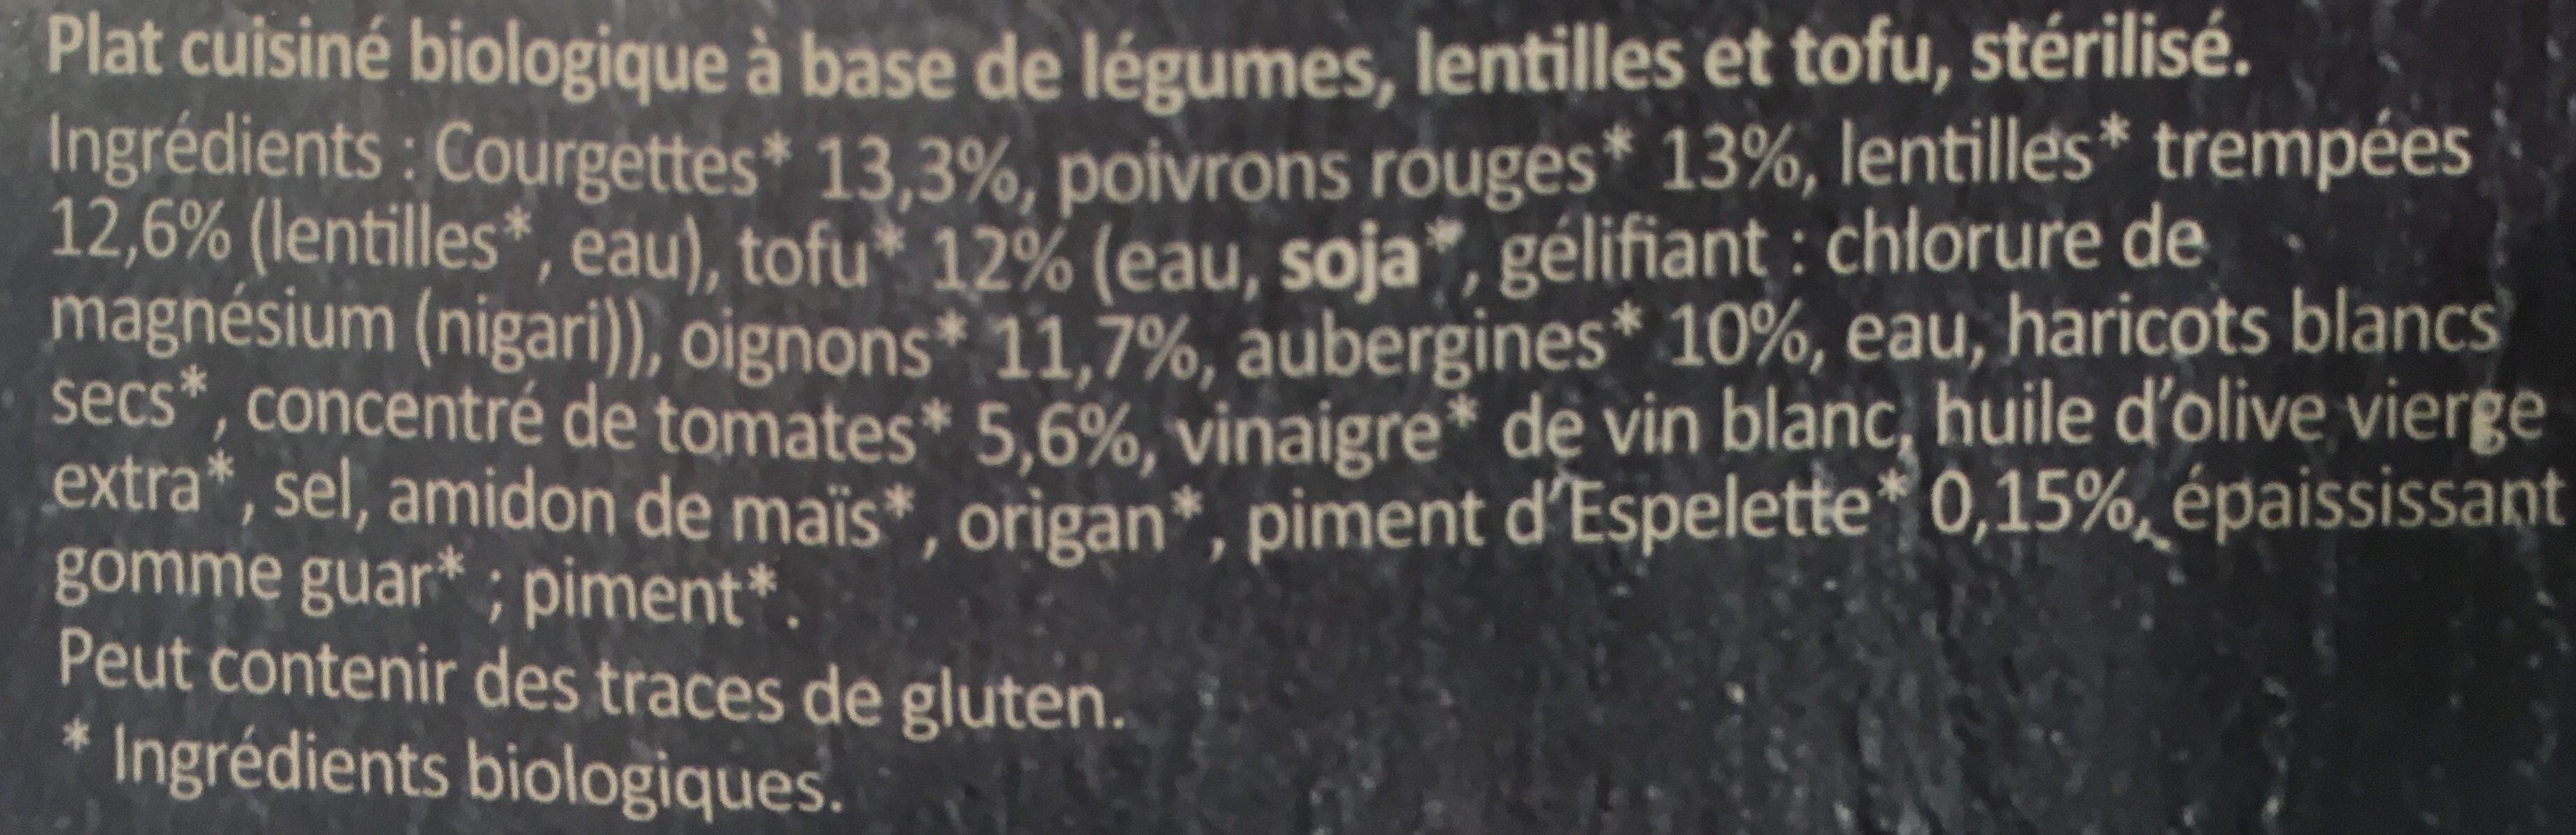 Ratatouille Lentilles et dés de tofu - Ingrédients - fr